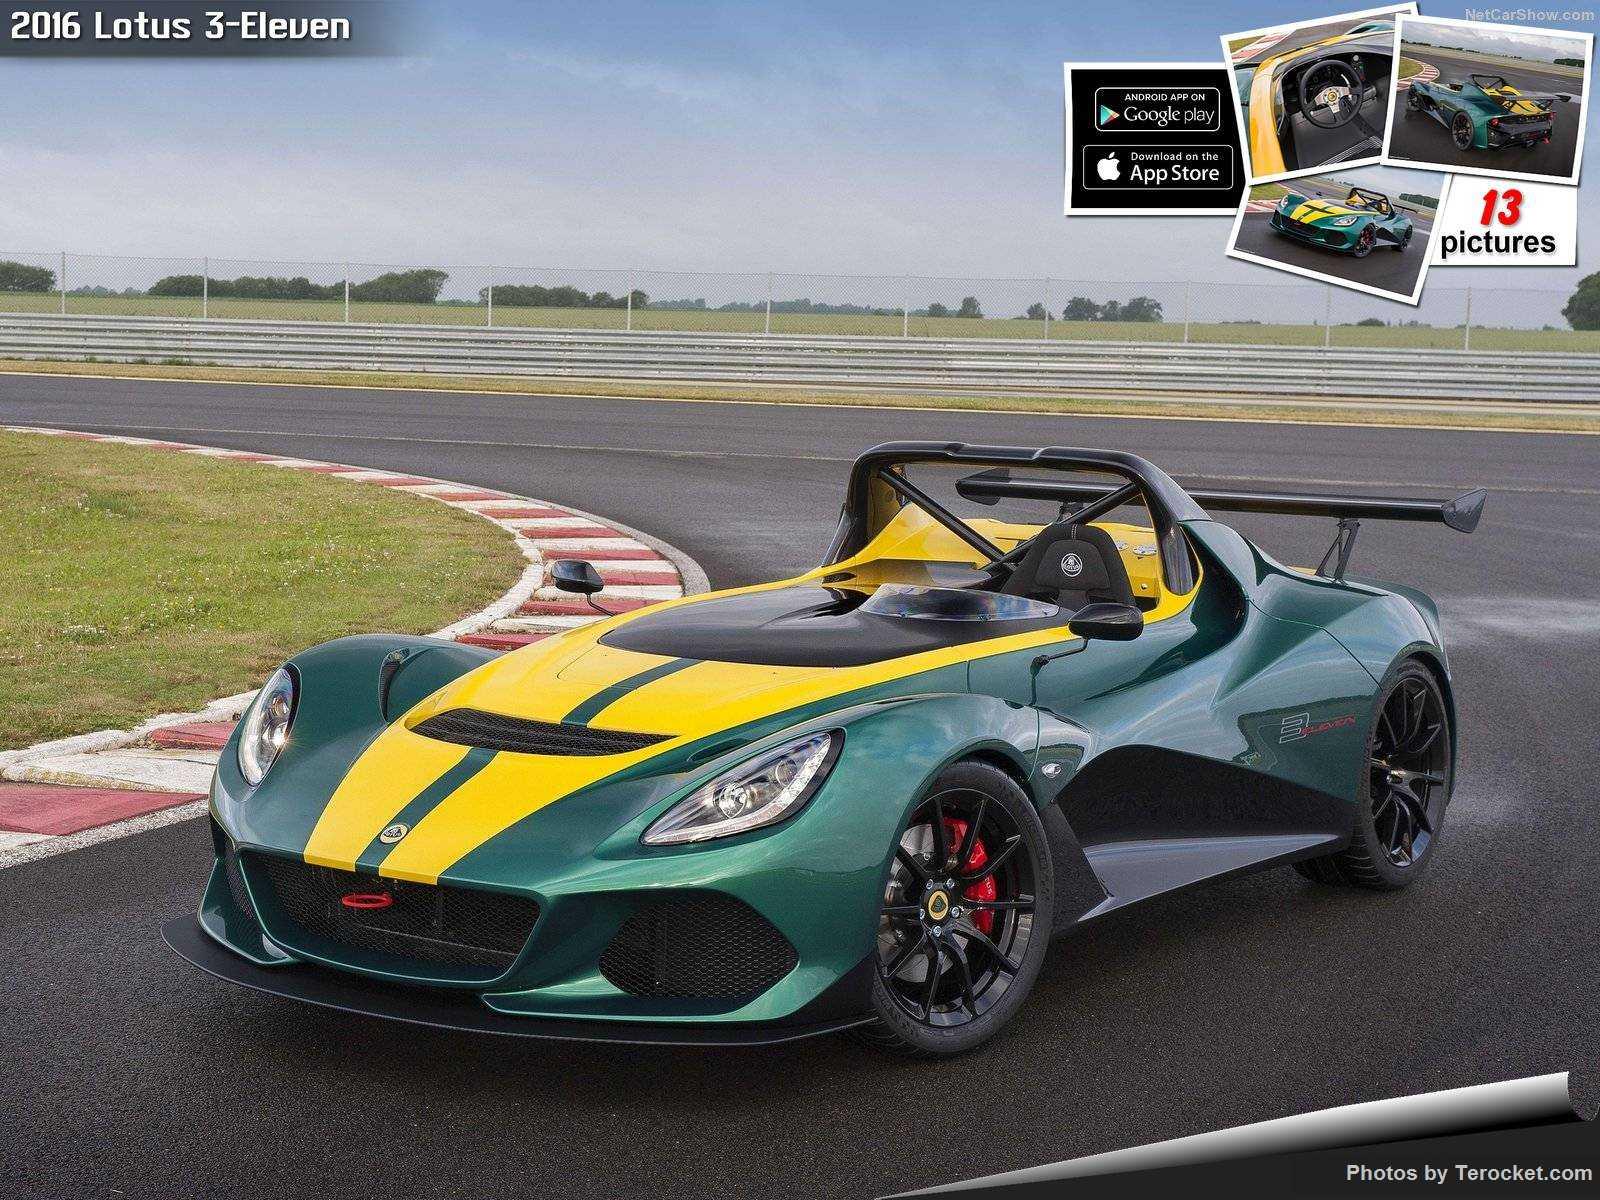 Hình ảnh siêu xe Lotus 3-Eleven 2016 & nội ngoại thất